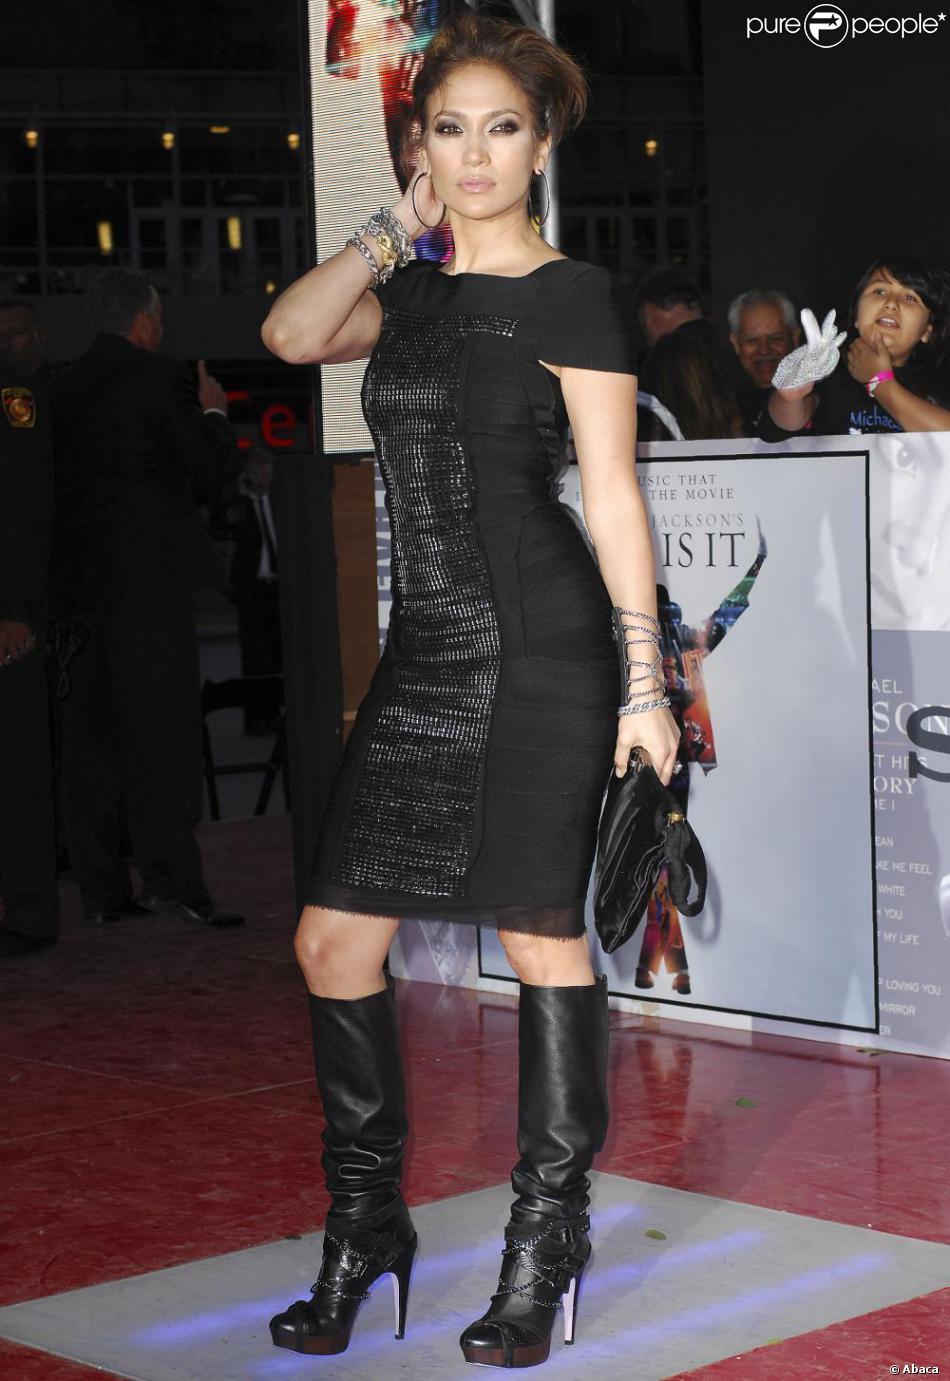 Jennifer Lopez en bottes et robe noire  une véritable femme fatale sur  tapis rouge